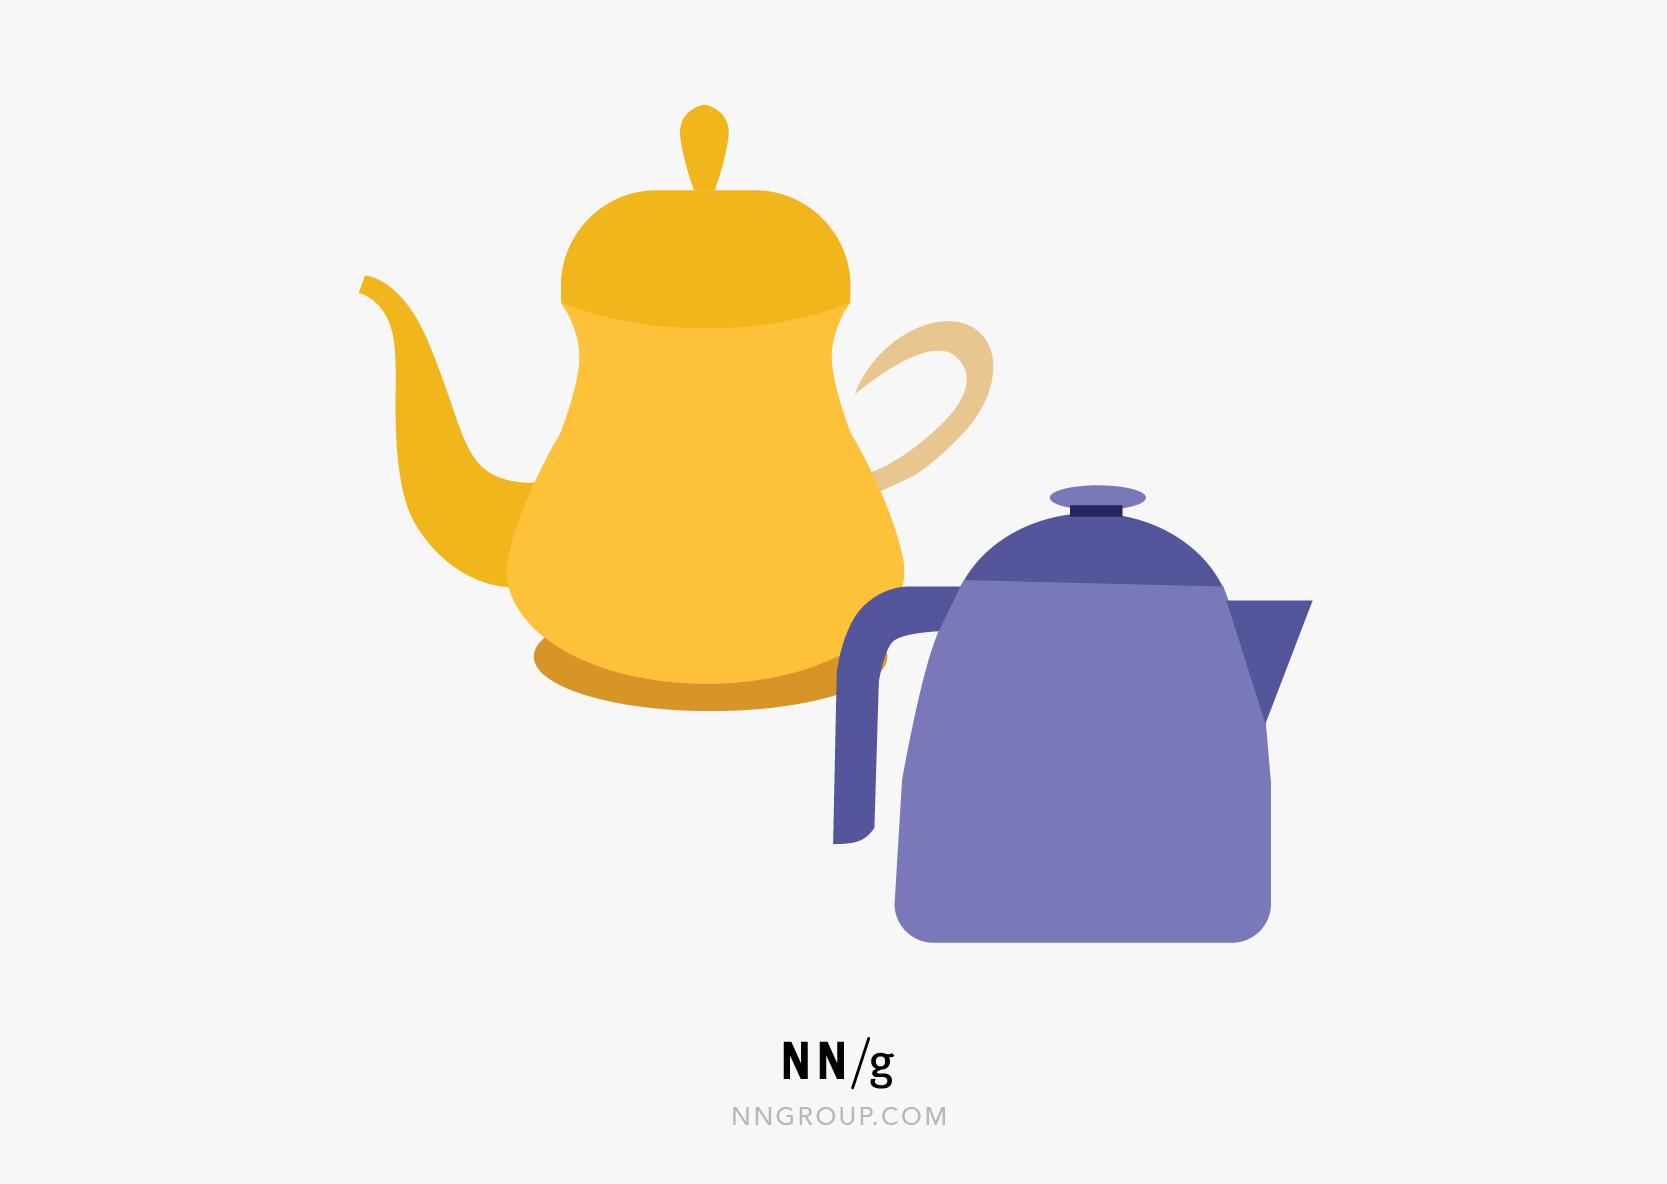 可用性启发式#8:并排的两个茶壶。一个简单而直接,另一个装饰华丽,有一个别致的手柄和弯曲的壶嘴。